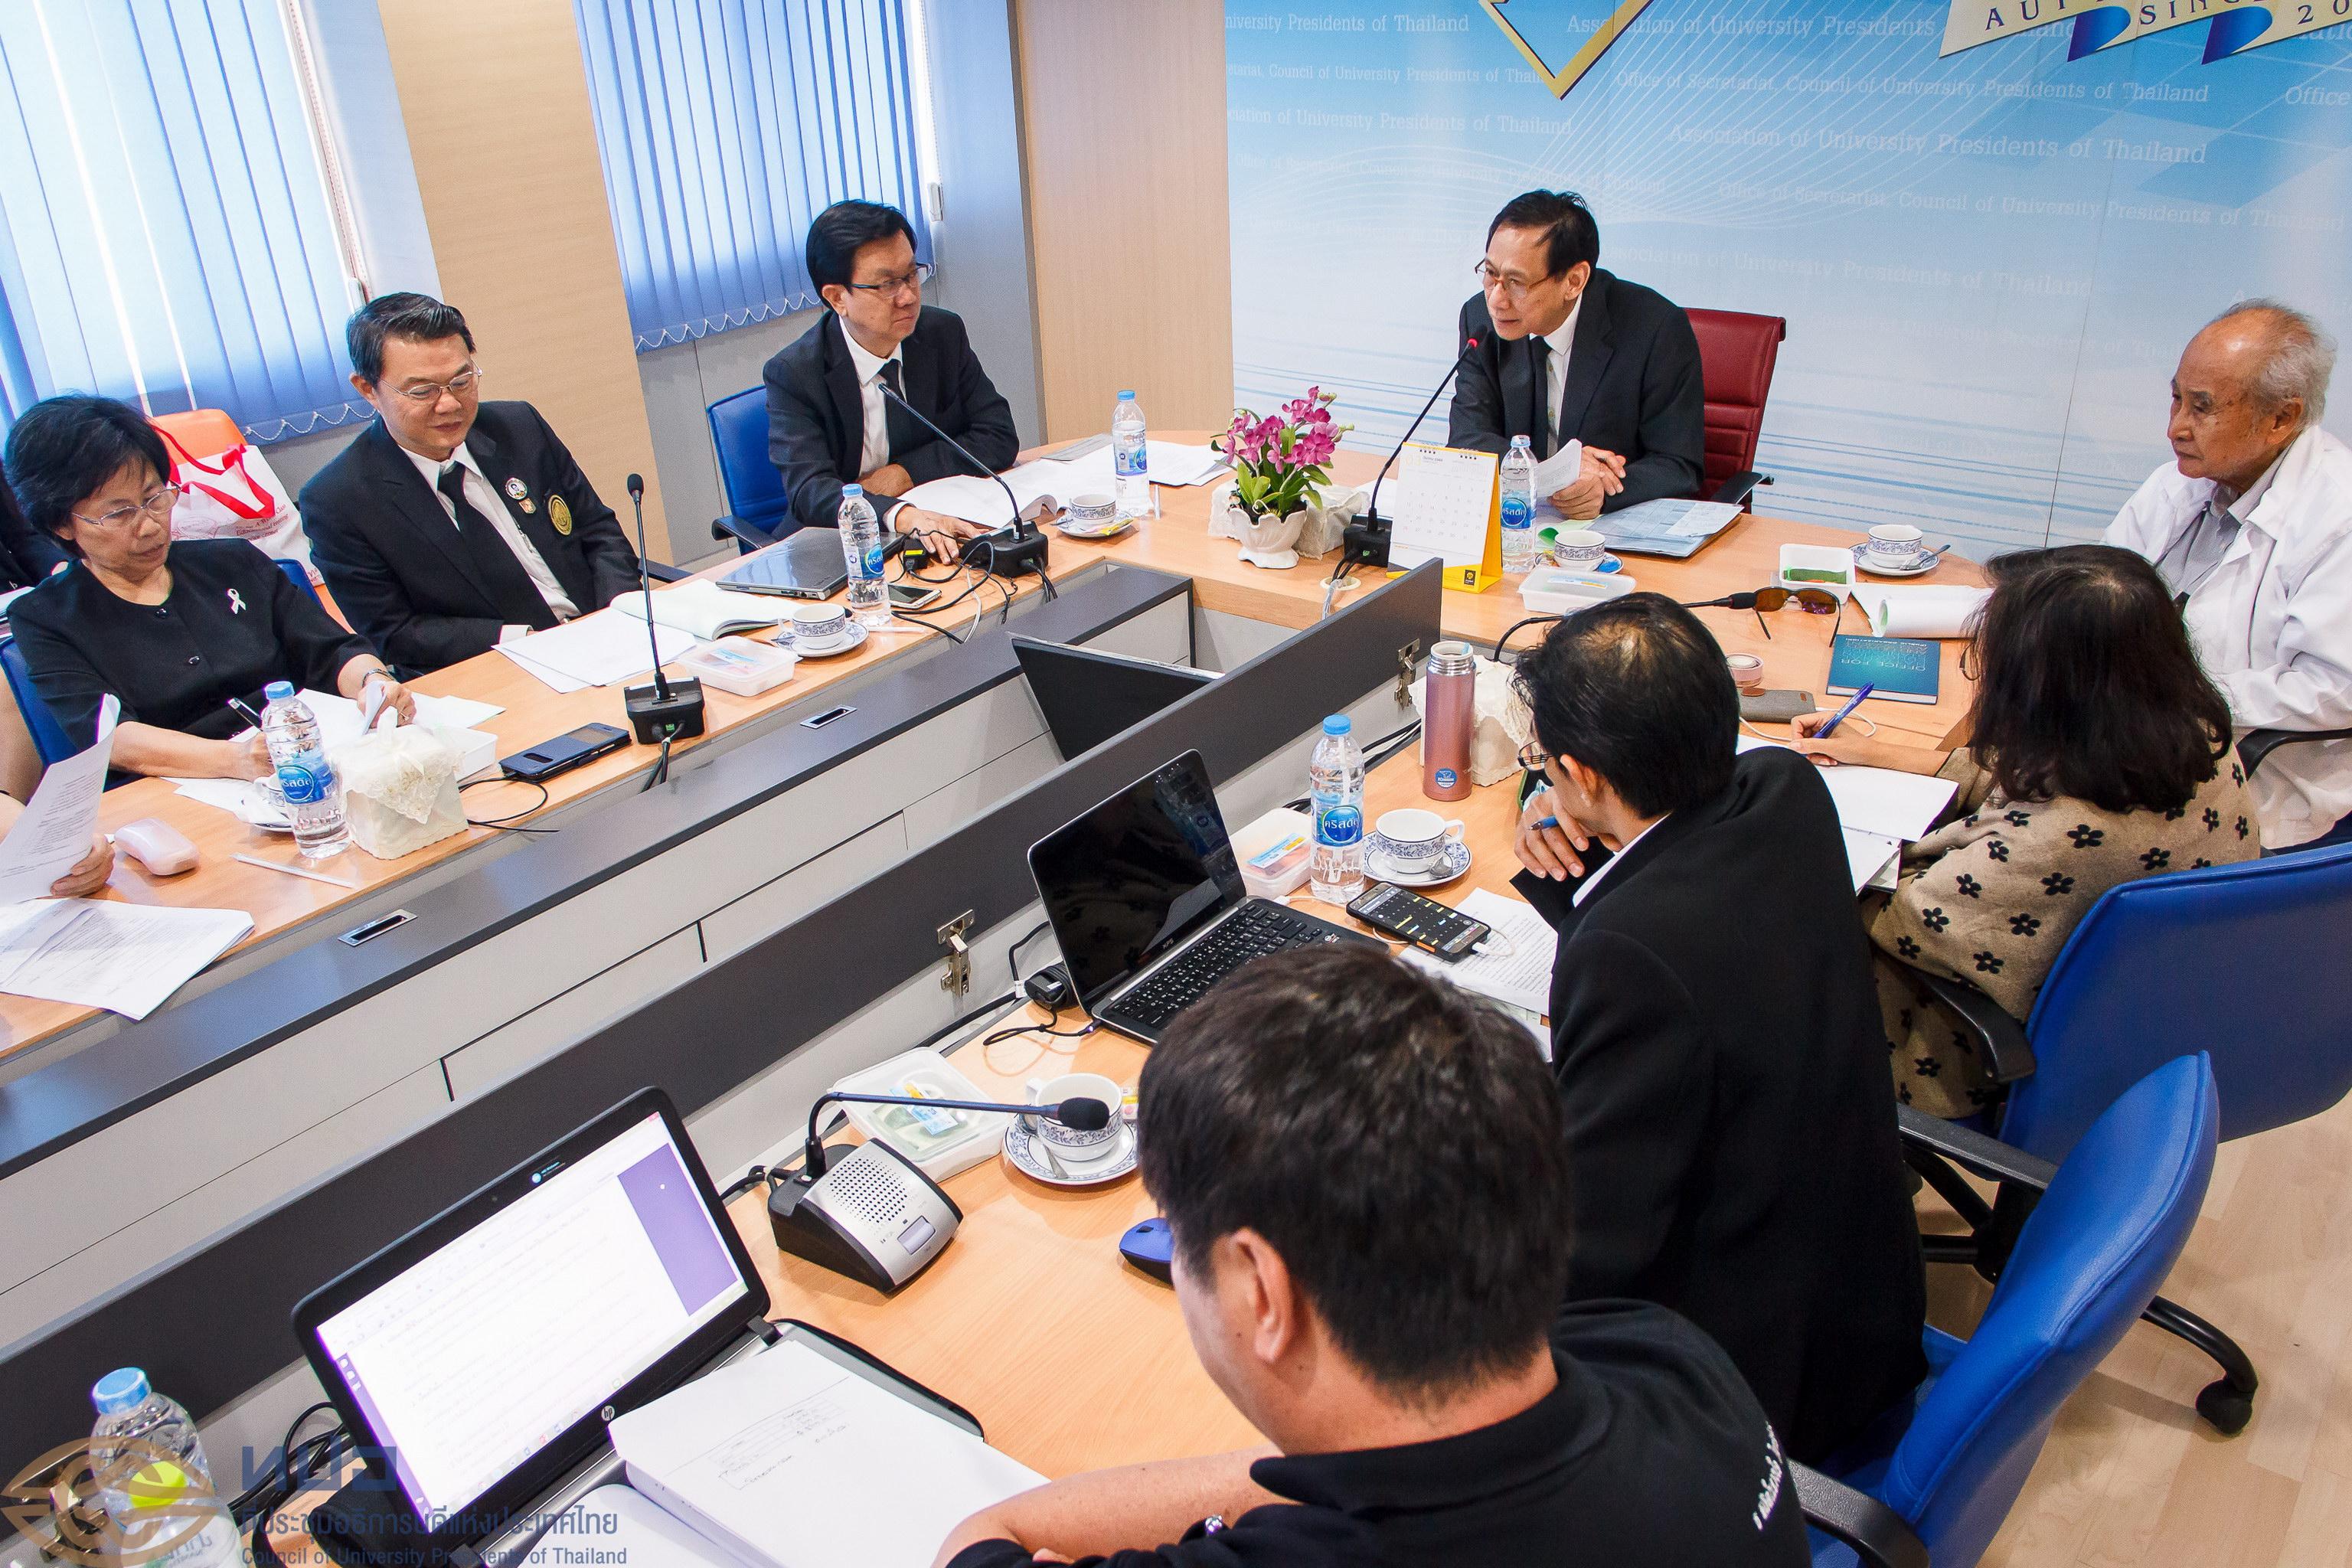 การประชุมหารือการดำเนินการคัดเลือกบุคคลเข้าศึกษาในสถาบันอุดมศึกษา ประจำปีการศึกษา 2561 ครั้งที่ 1/2560